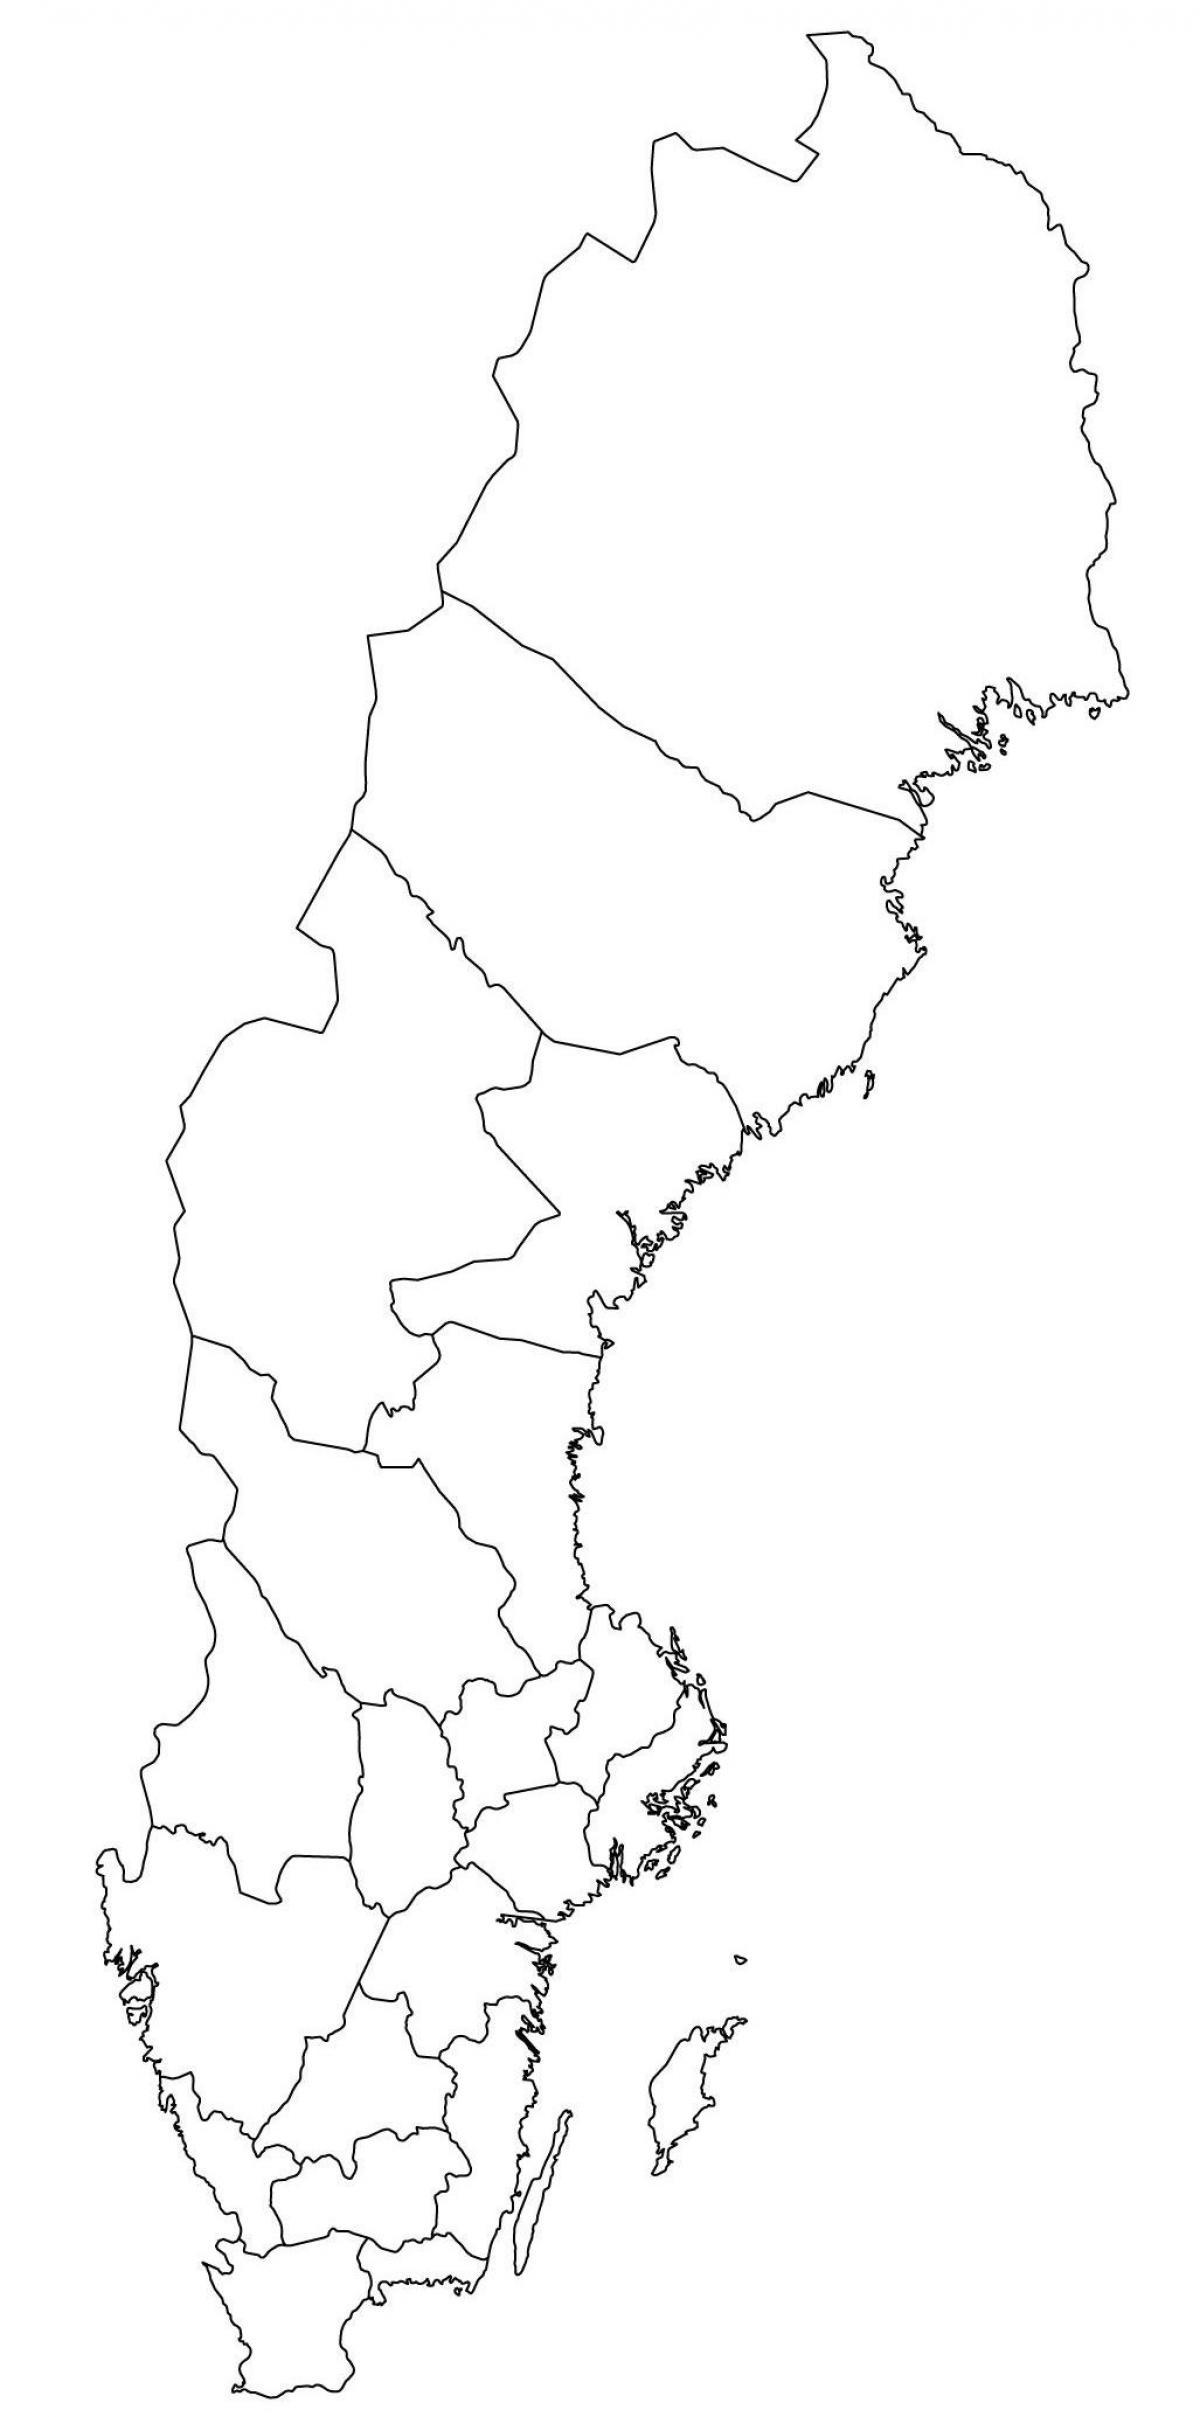 Szwecja Mapa Kontur Mapa Konturowa Szwecji Europa Północna Europa